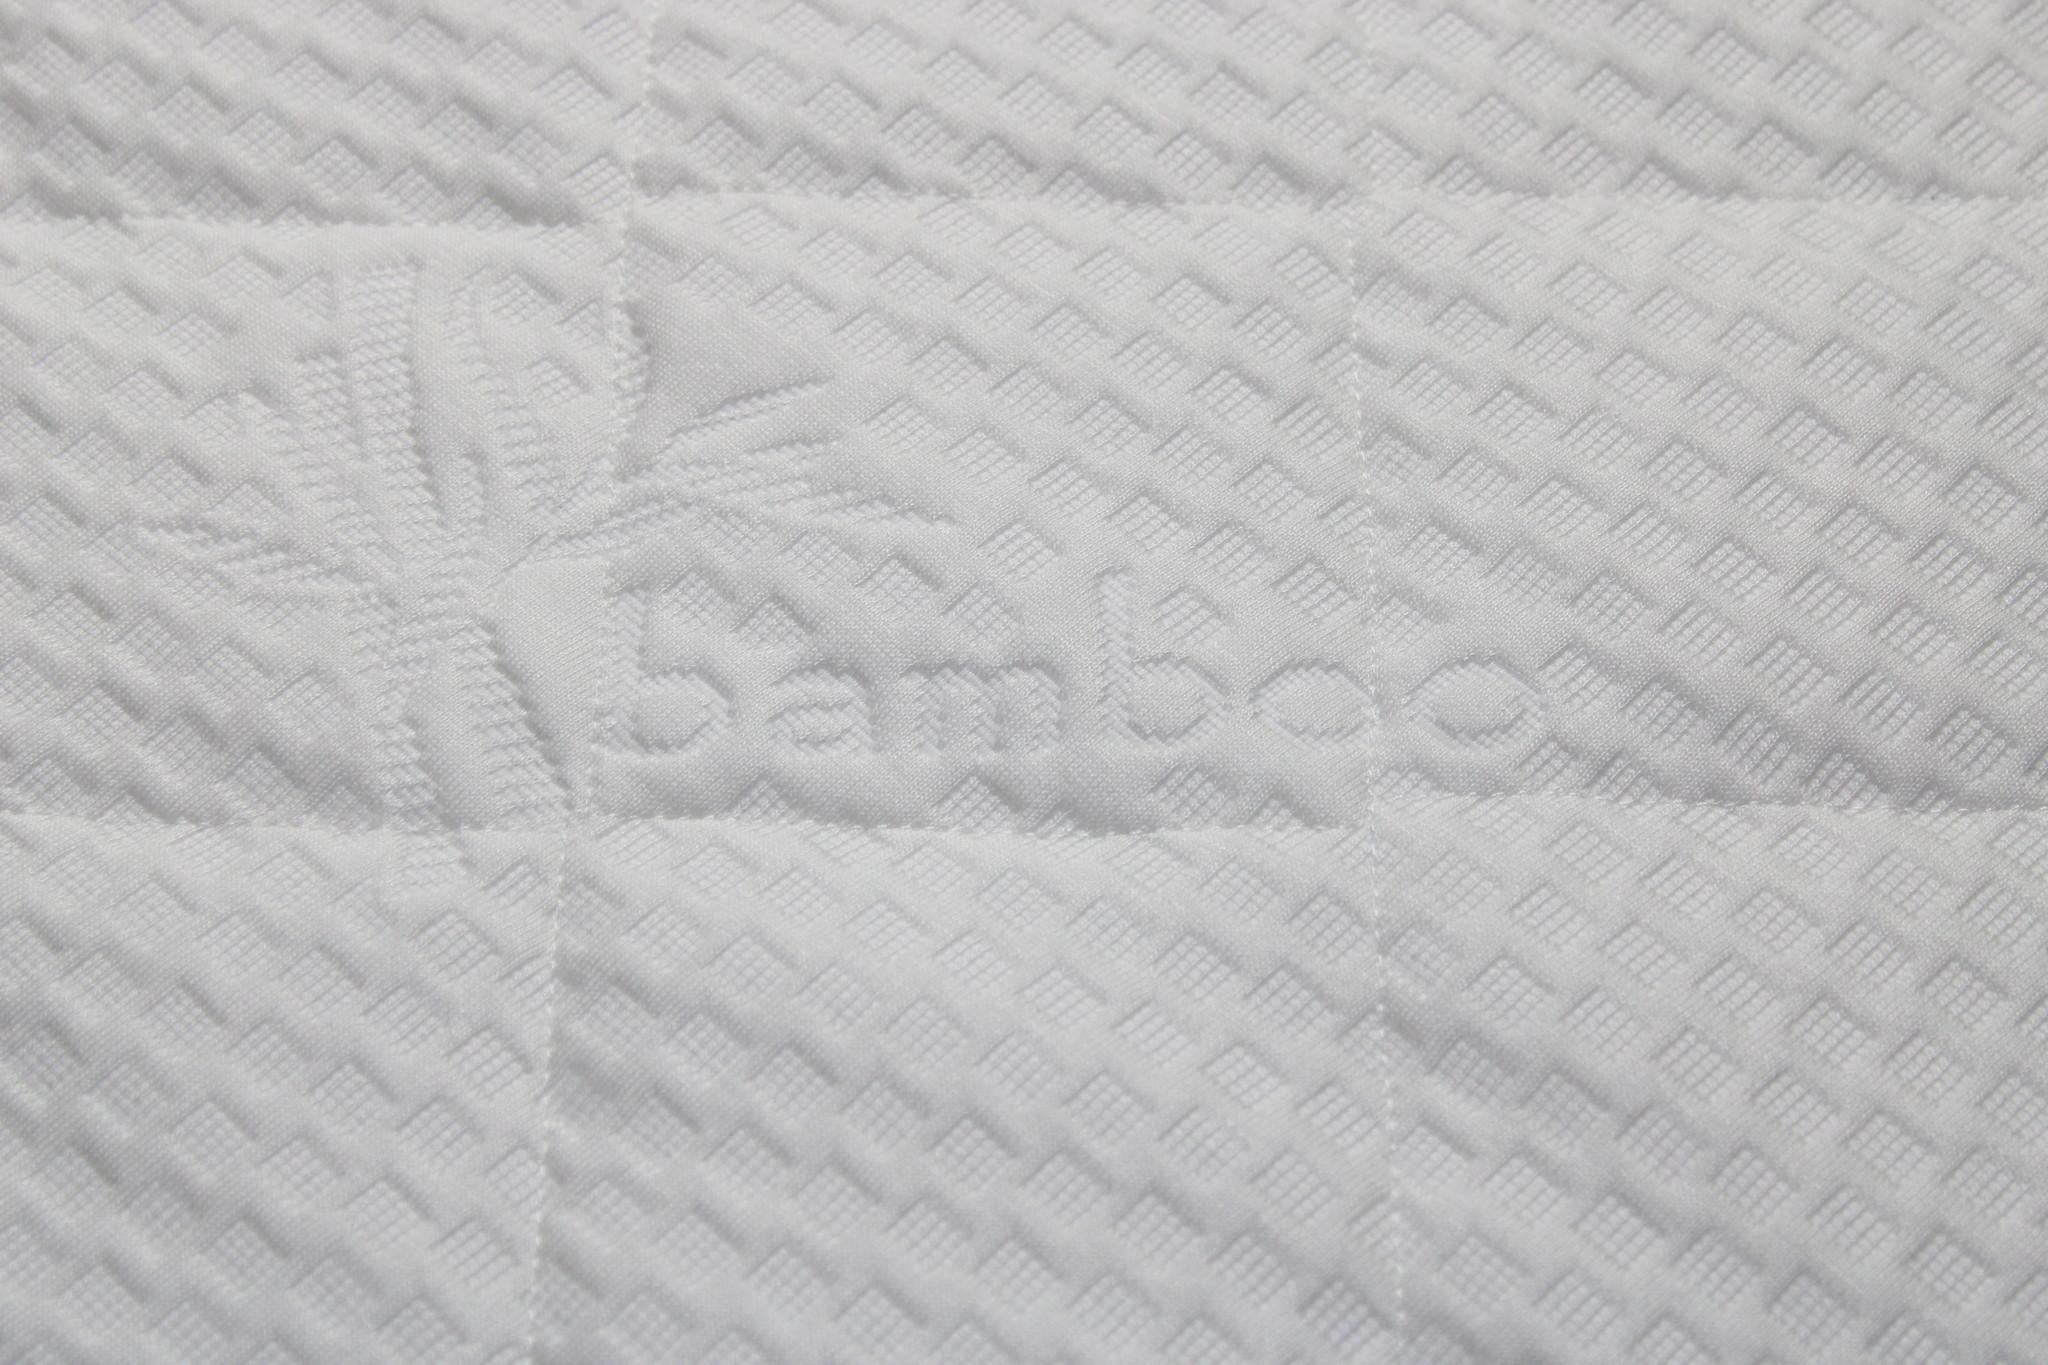 Sarpy Babymatras 70x120 koudschuim hr40 bamboo